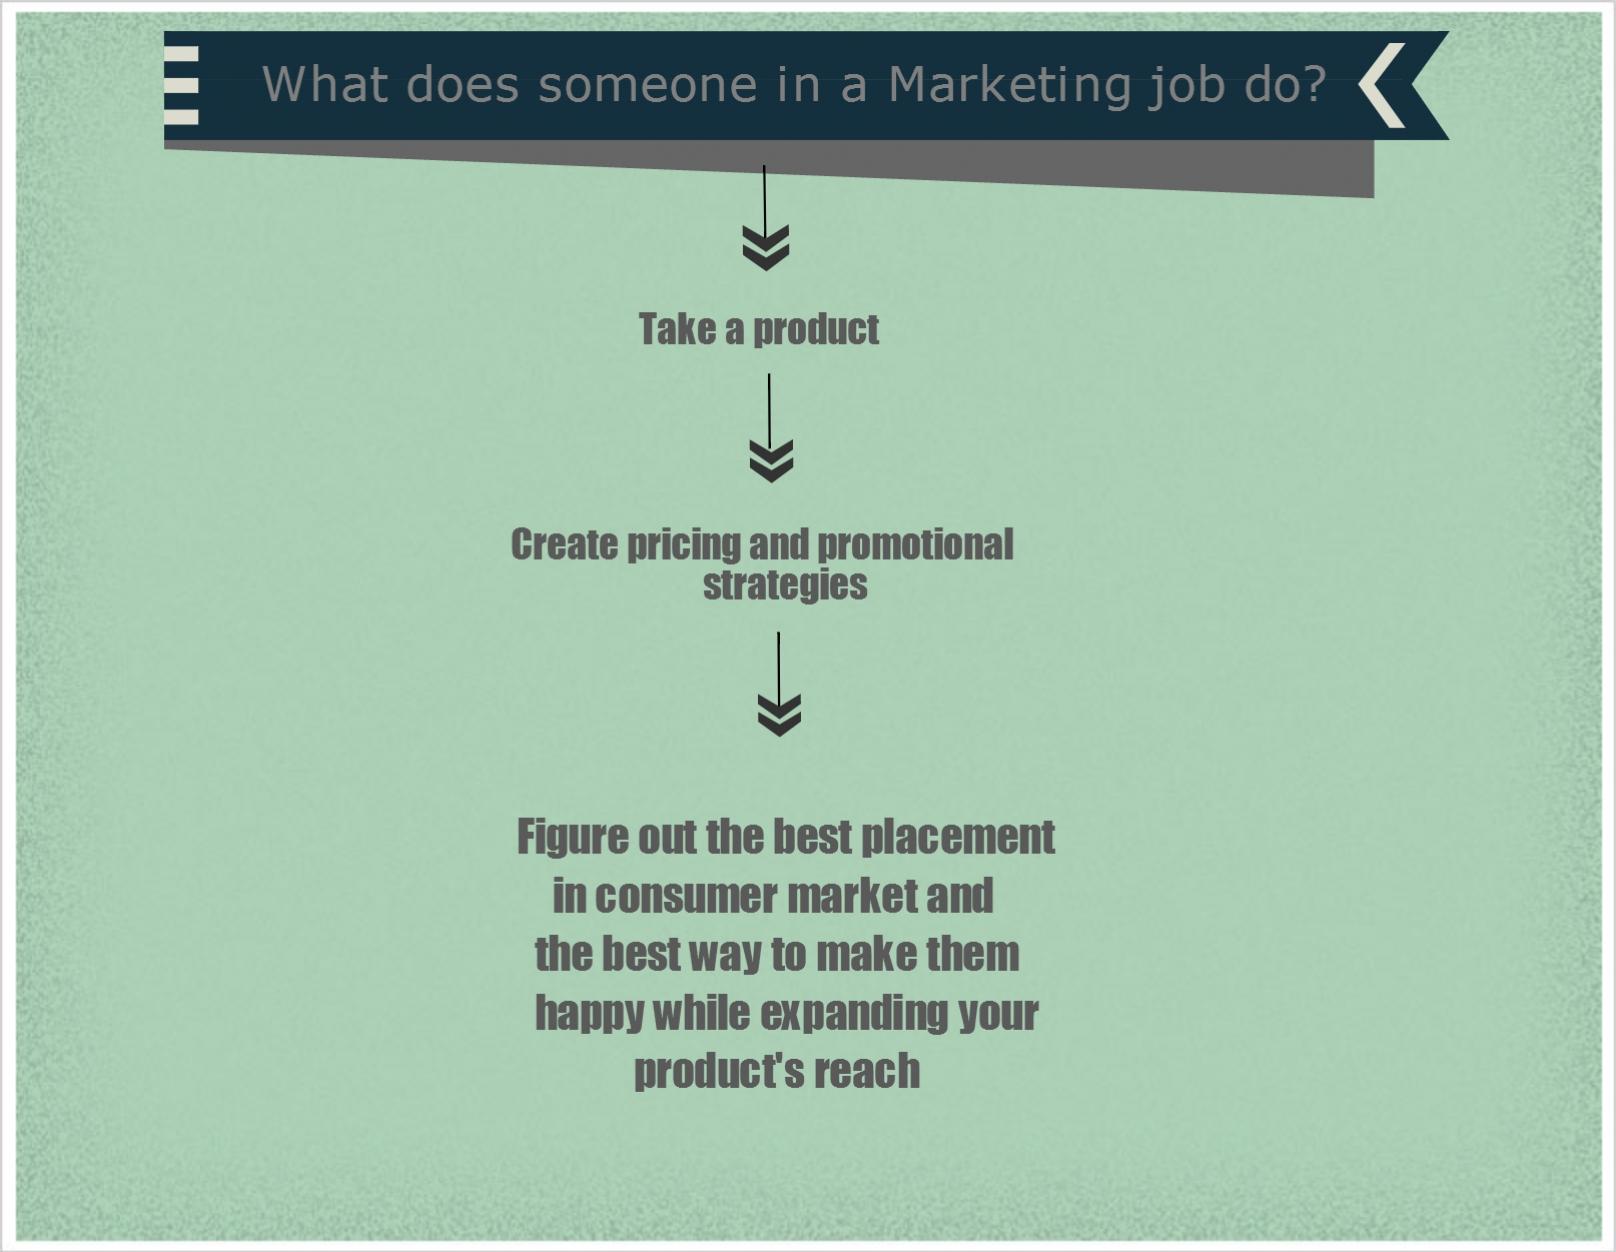 Top 10 Marketing Jobs | Strike-Jobs Marketing Jobs